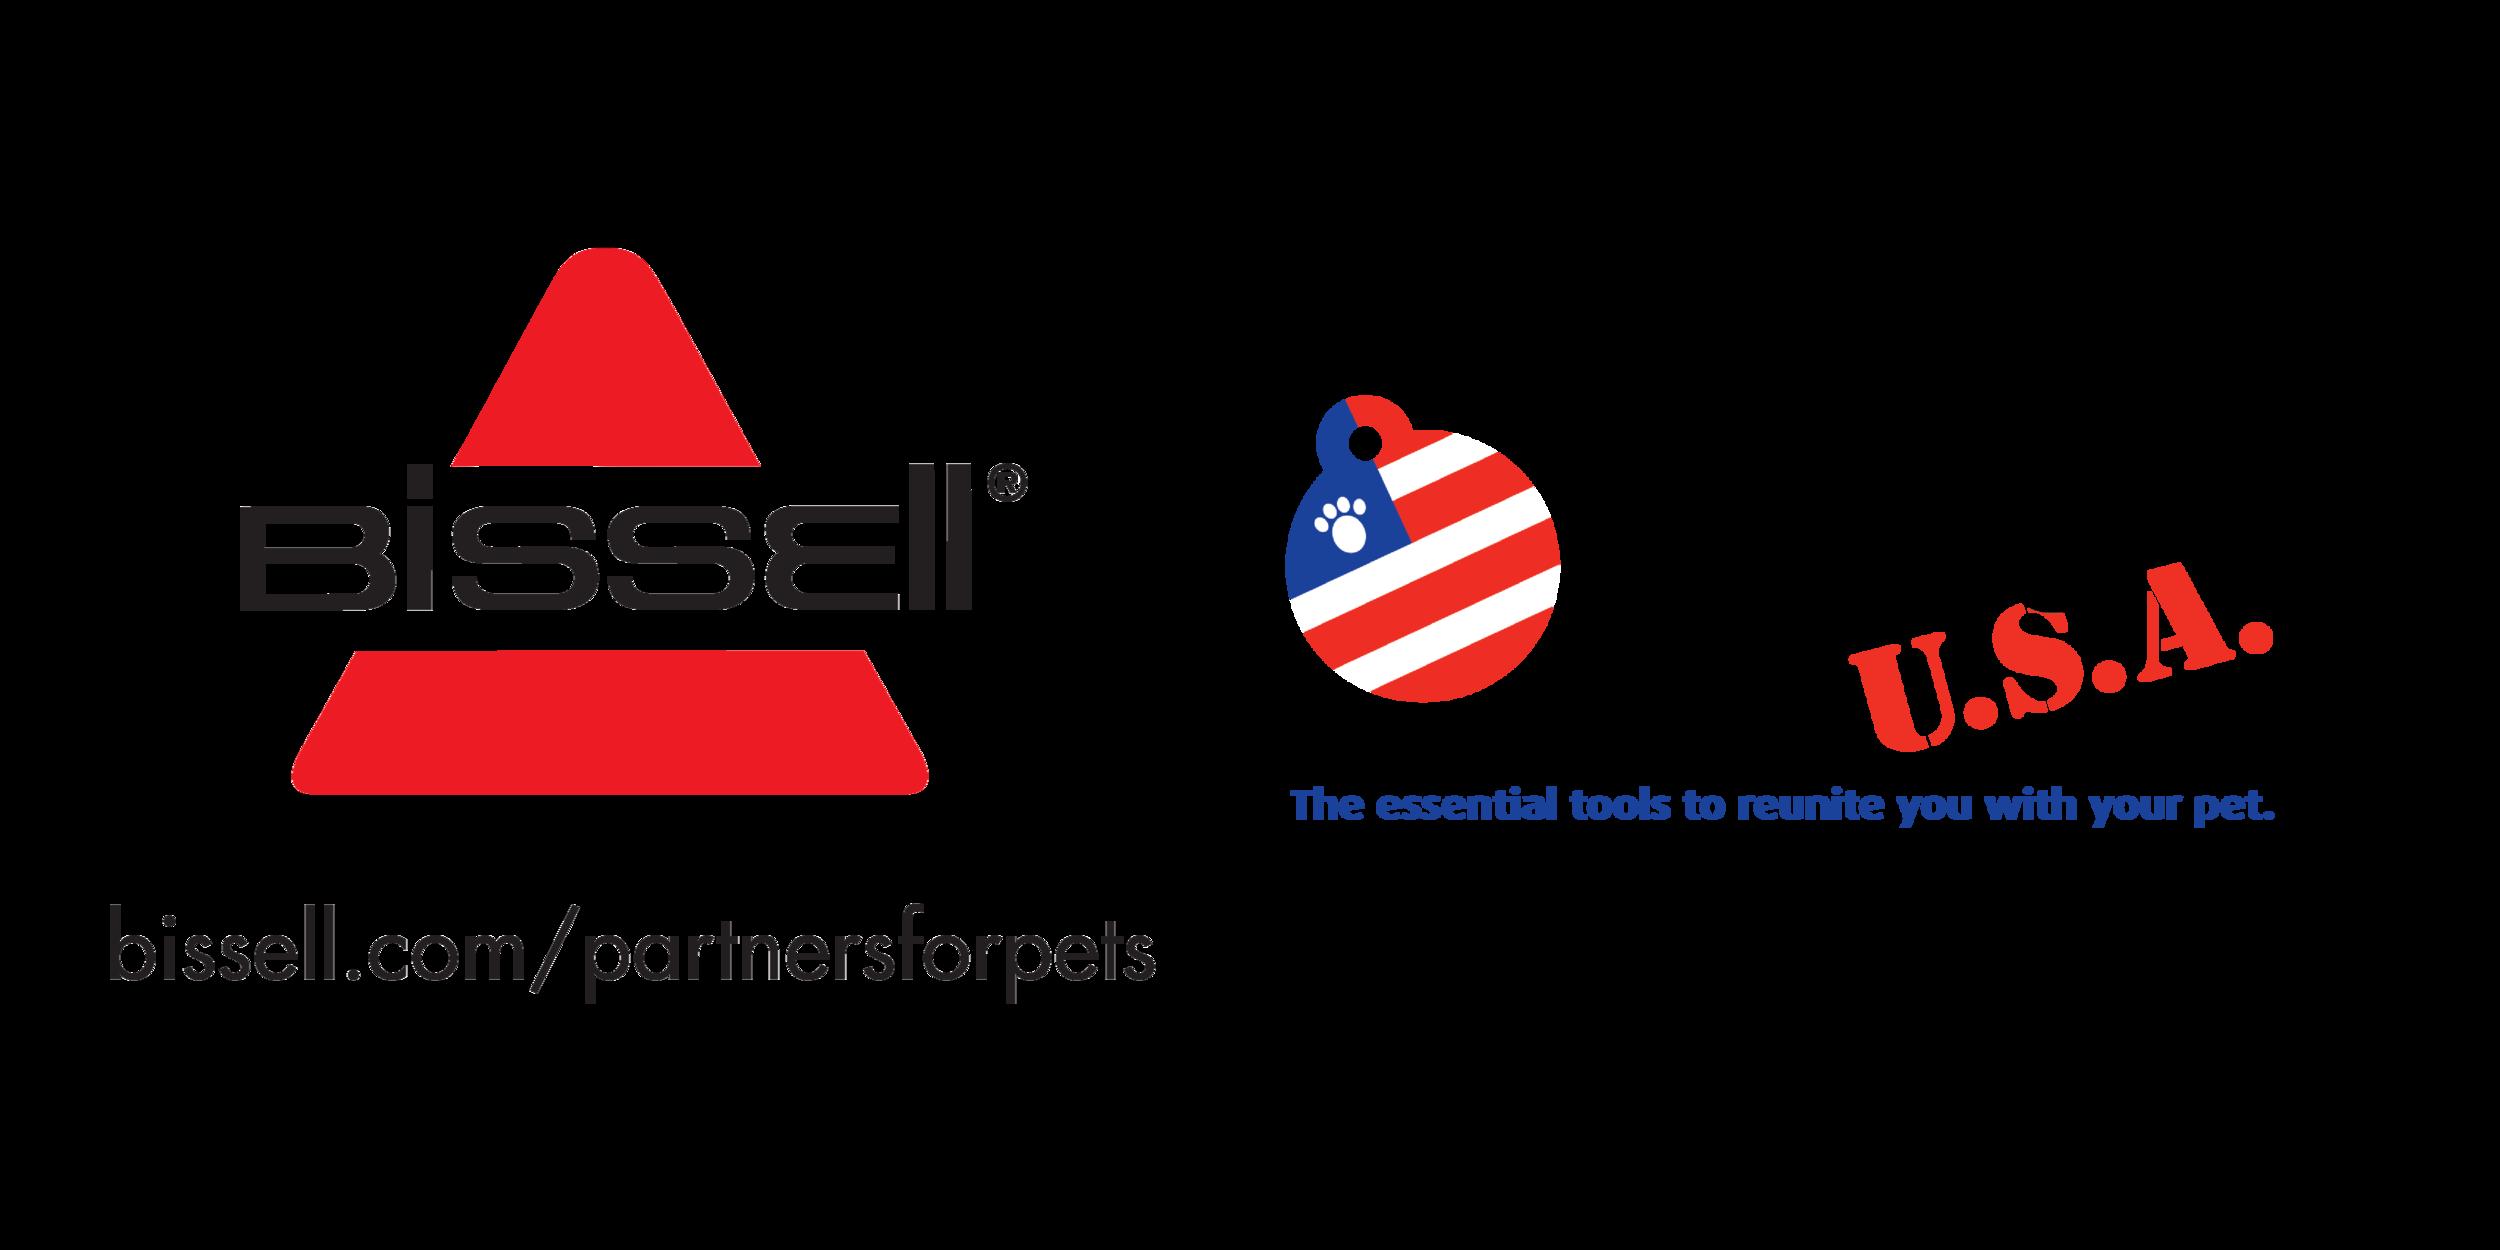 P4P & LostPetUSA   Logos.png